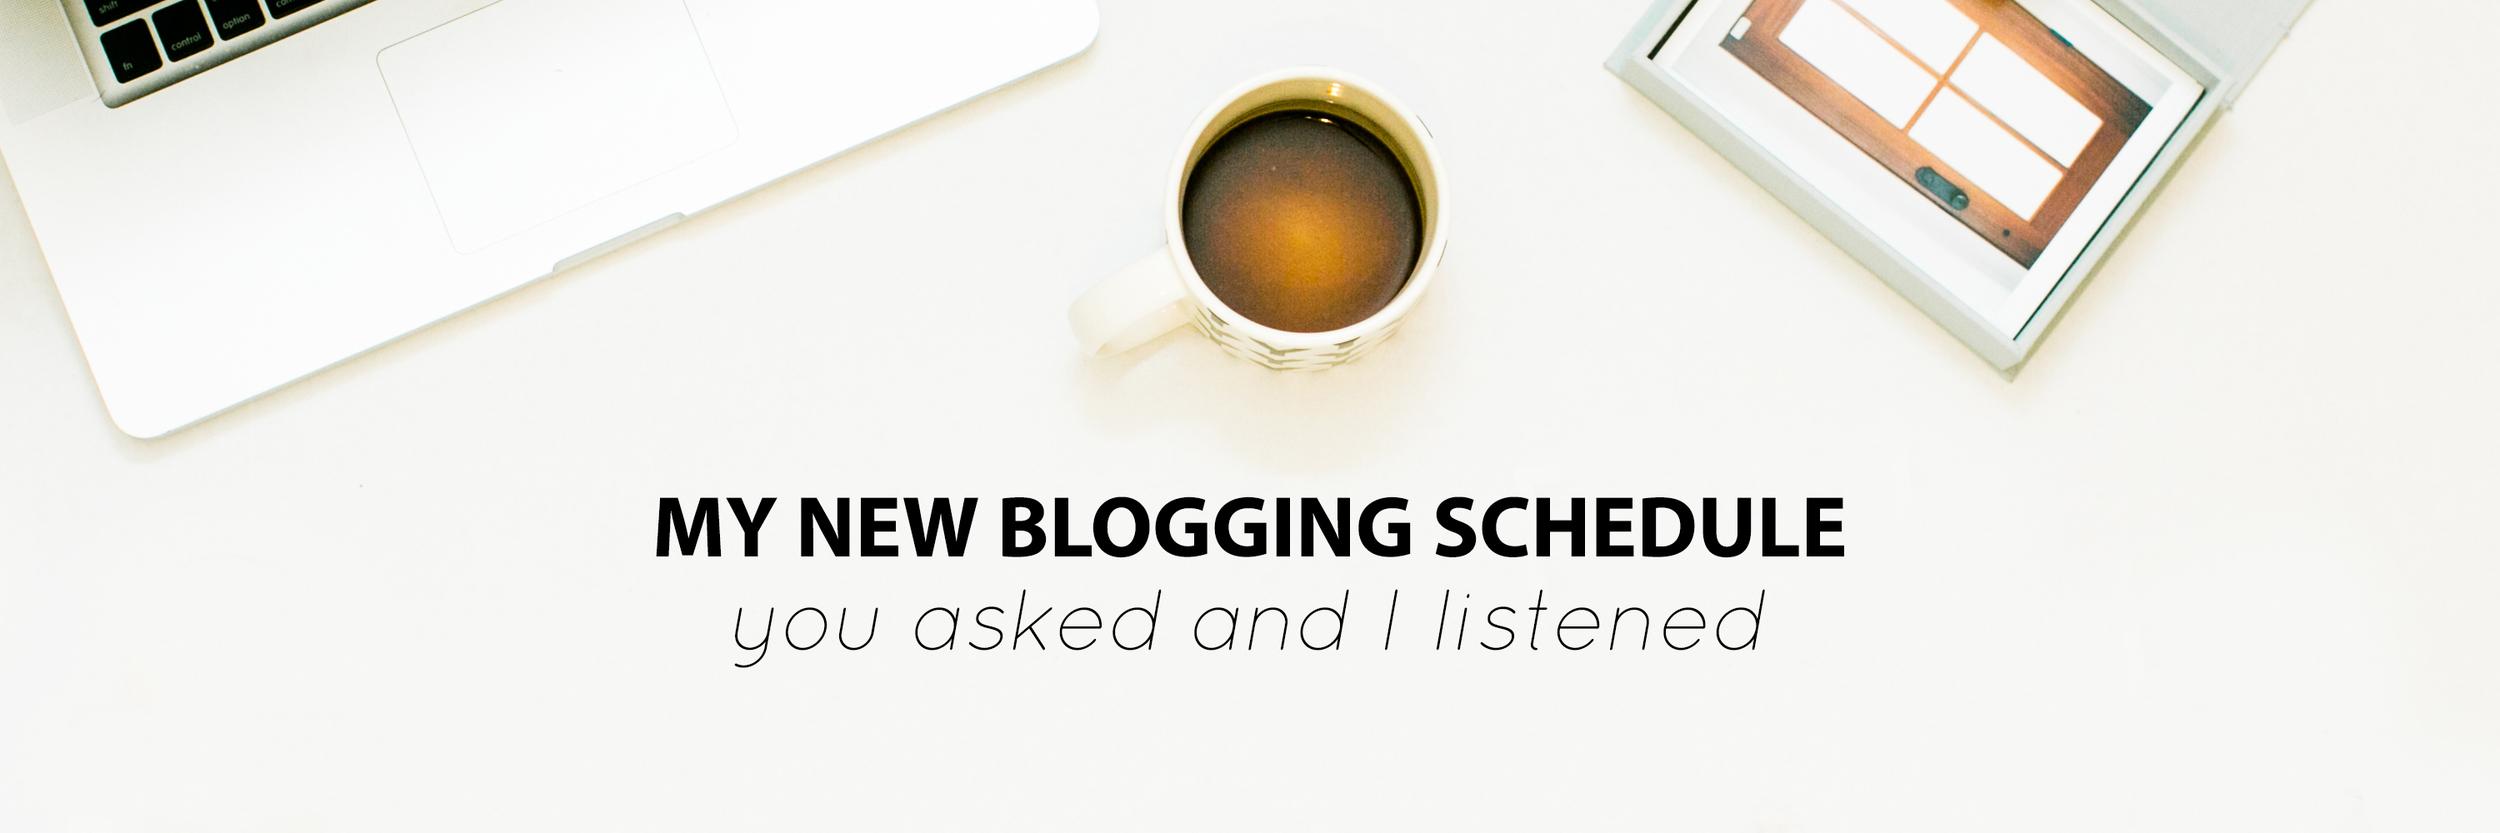 My New Blogging Schedule - The Jordan Brittley Blog